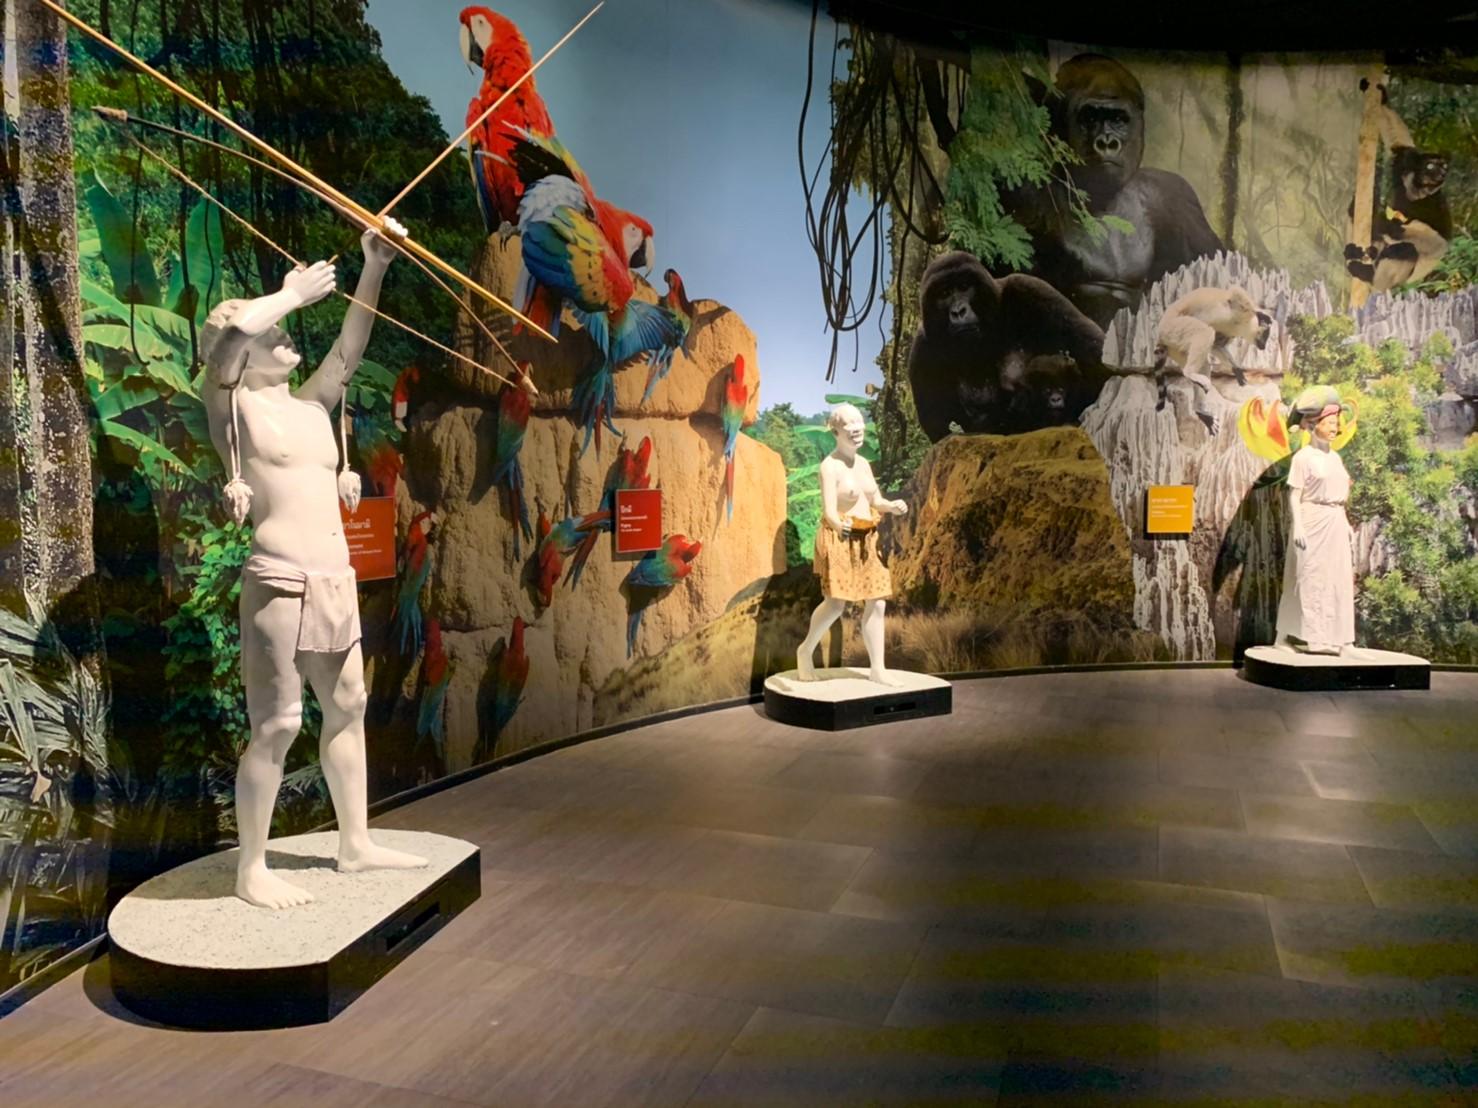 พิพิธภัณฑ์พระรามเก้า